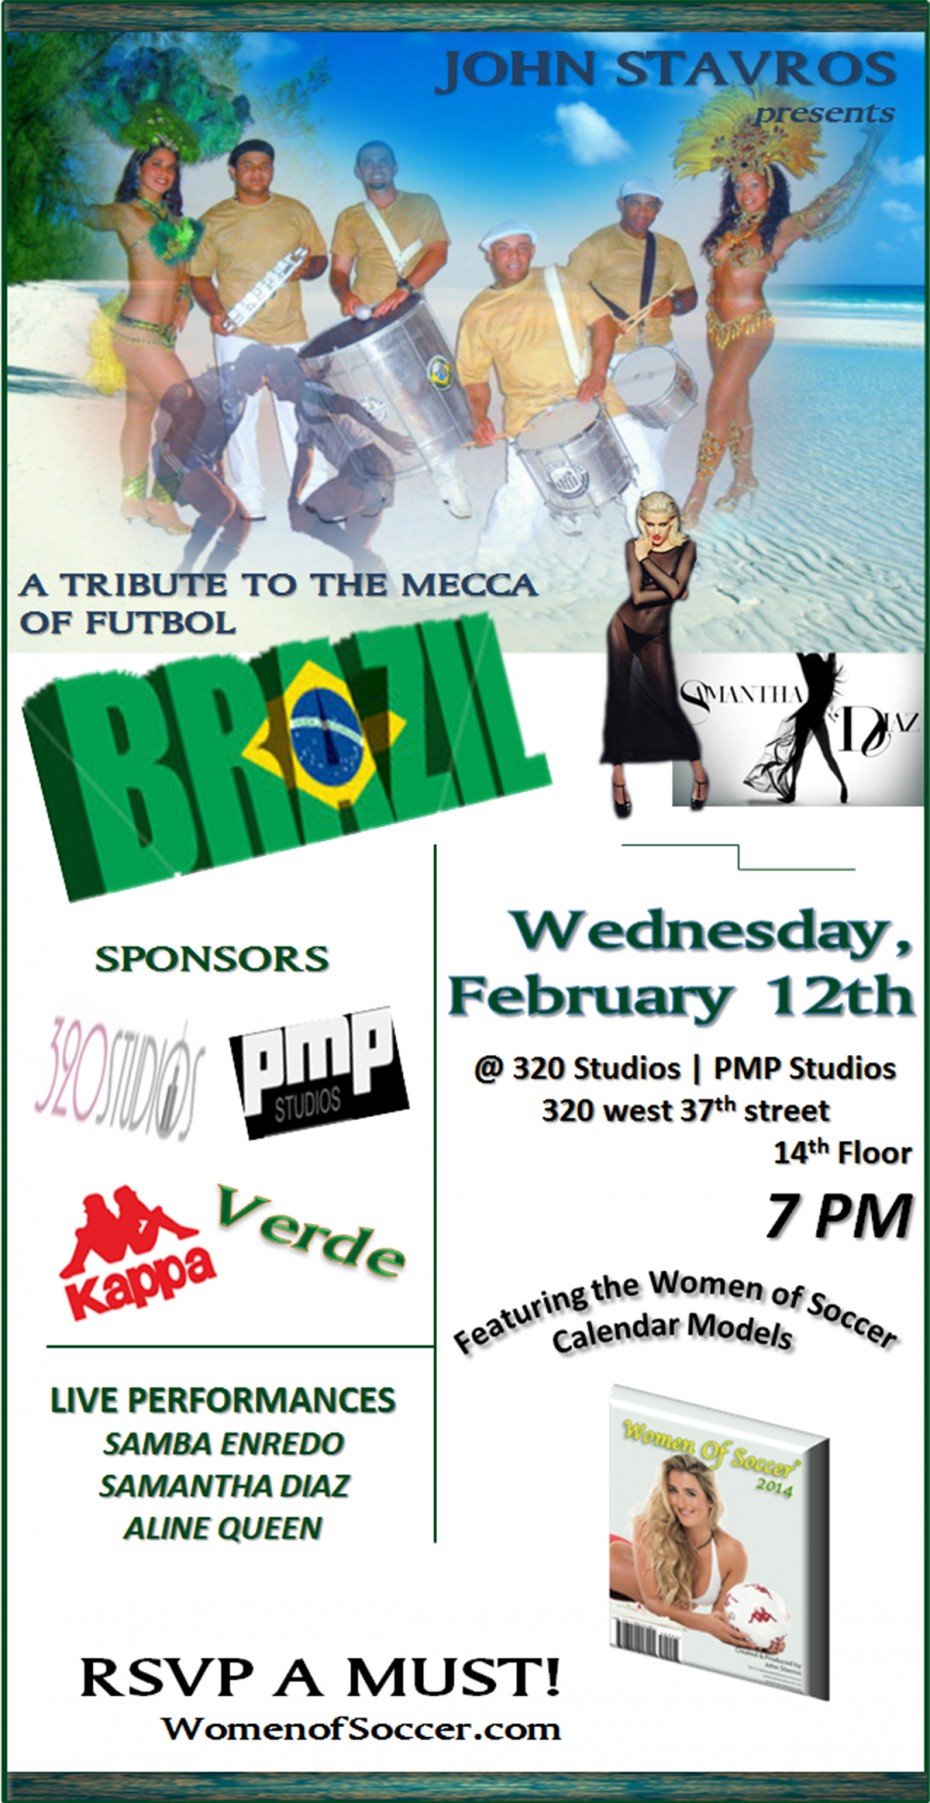 Feb 12 invite